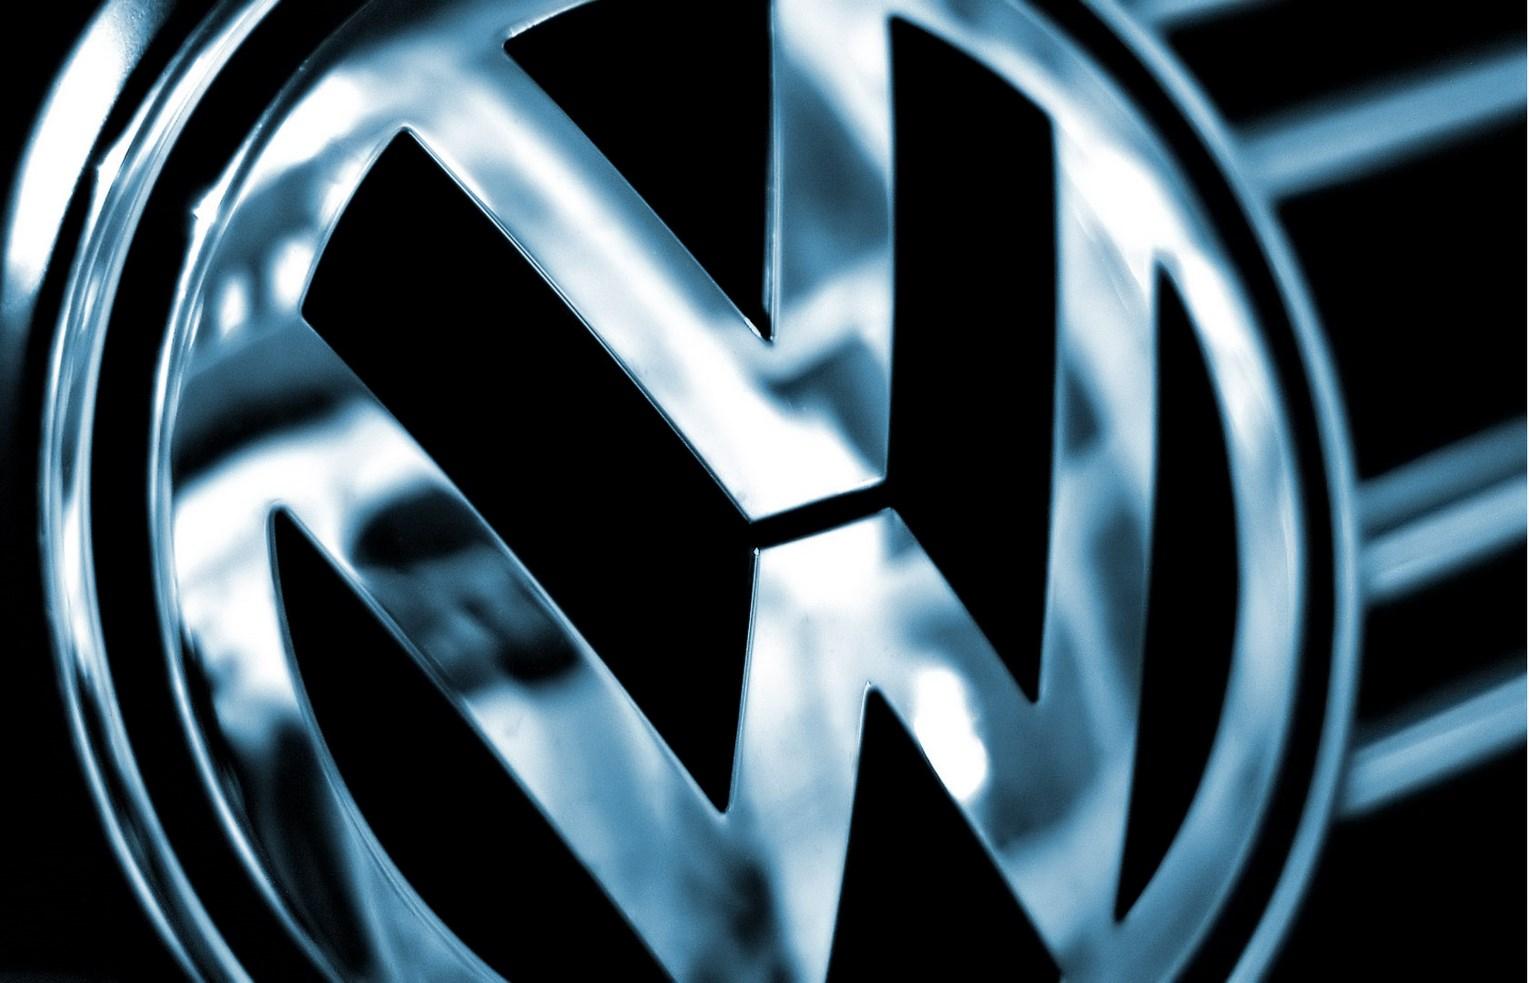 Le low-cost est l'un des rares marchés sur lequel Volkswagen n'est pas présent. Il était temps d'y r...